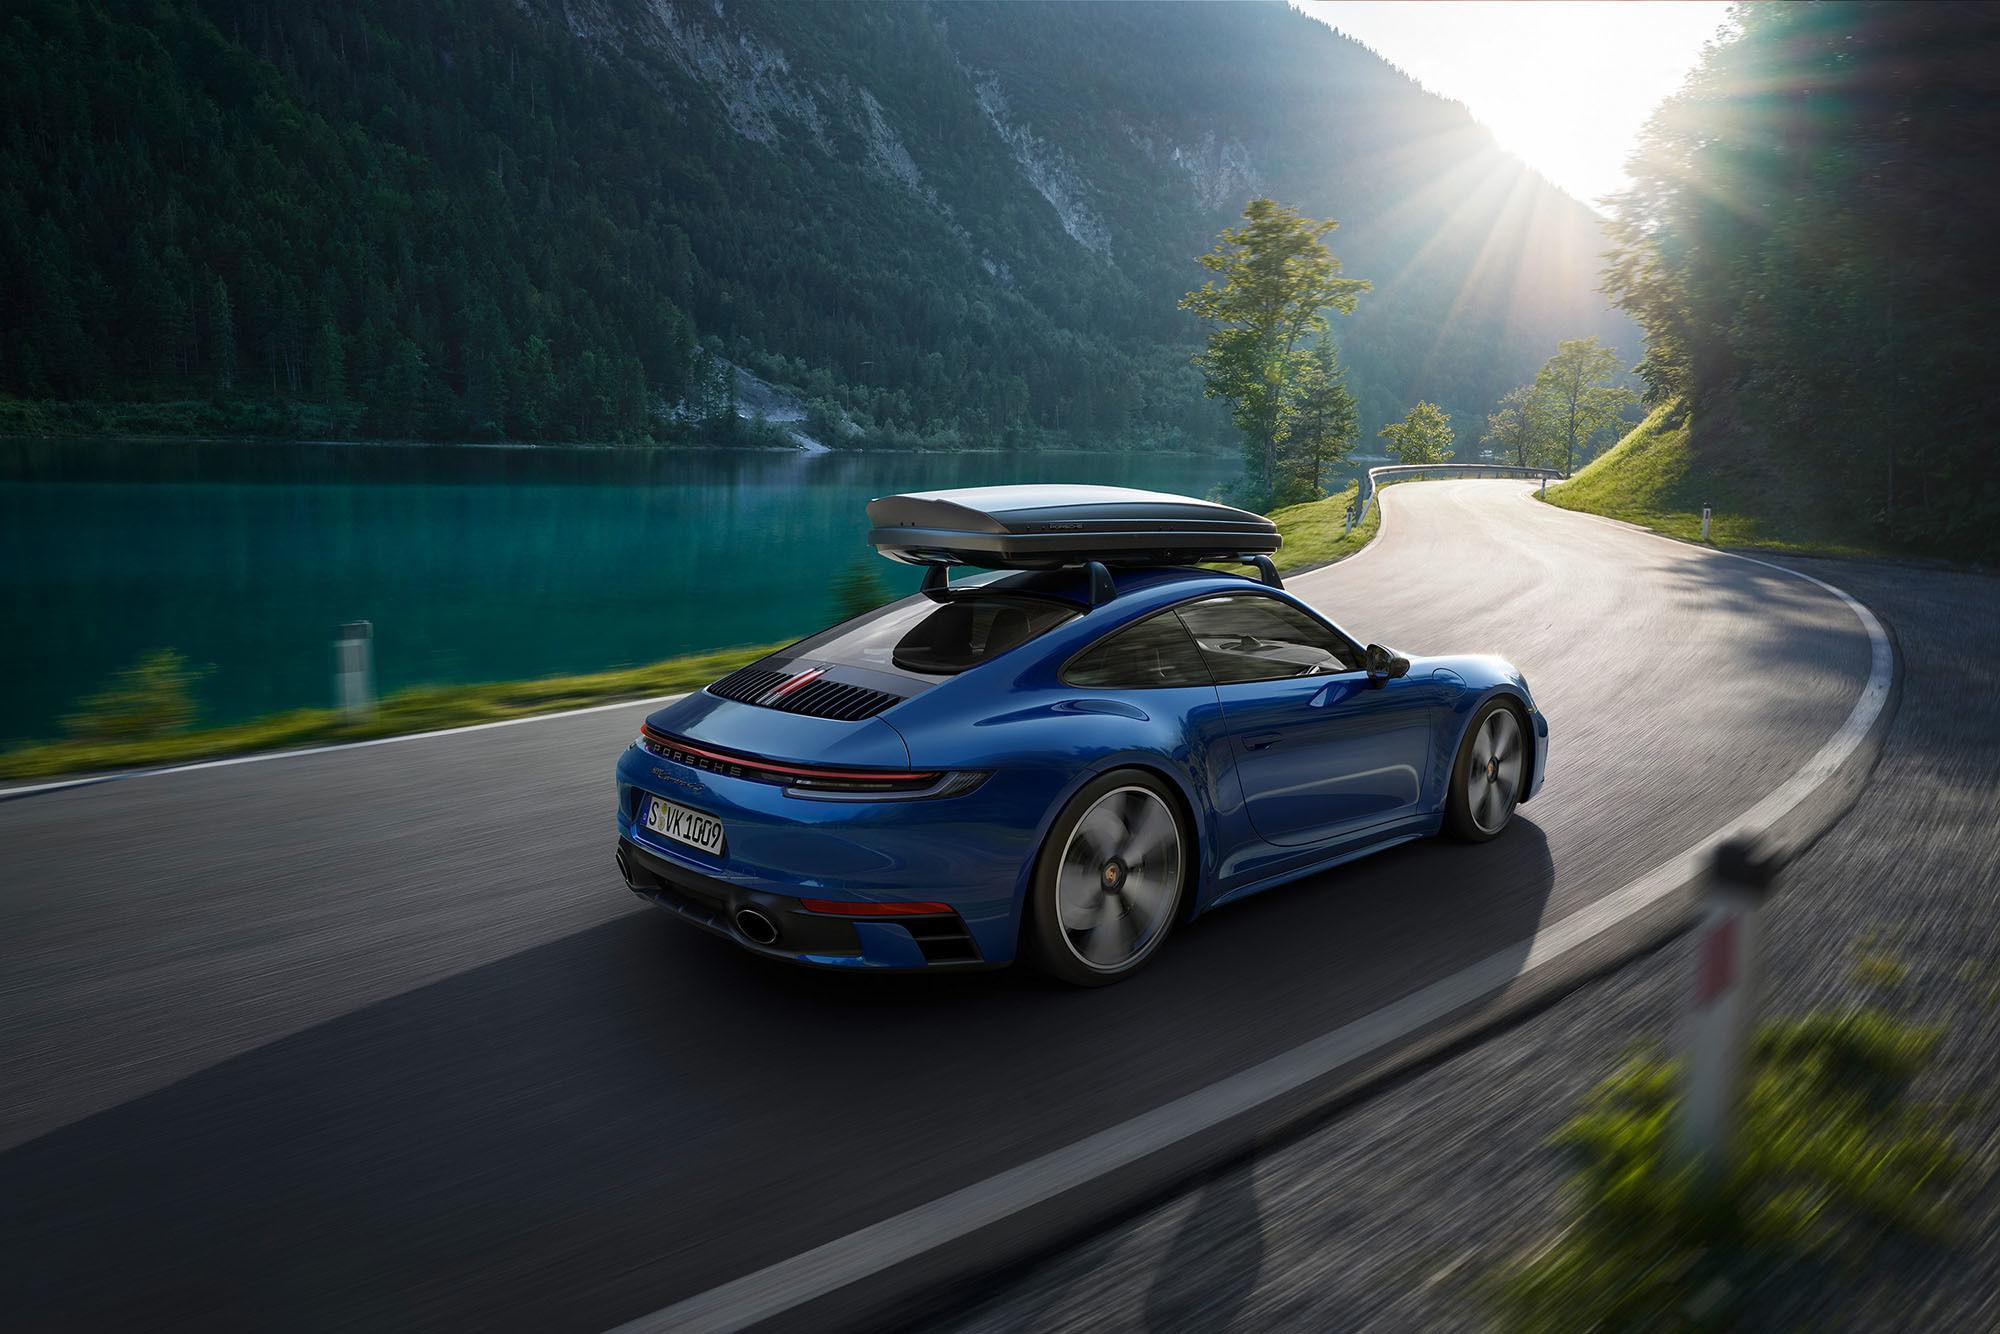 Porsche Sommer Equipment by Stephan Romer